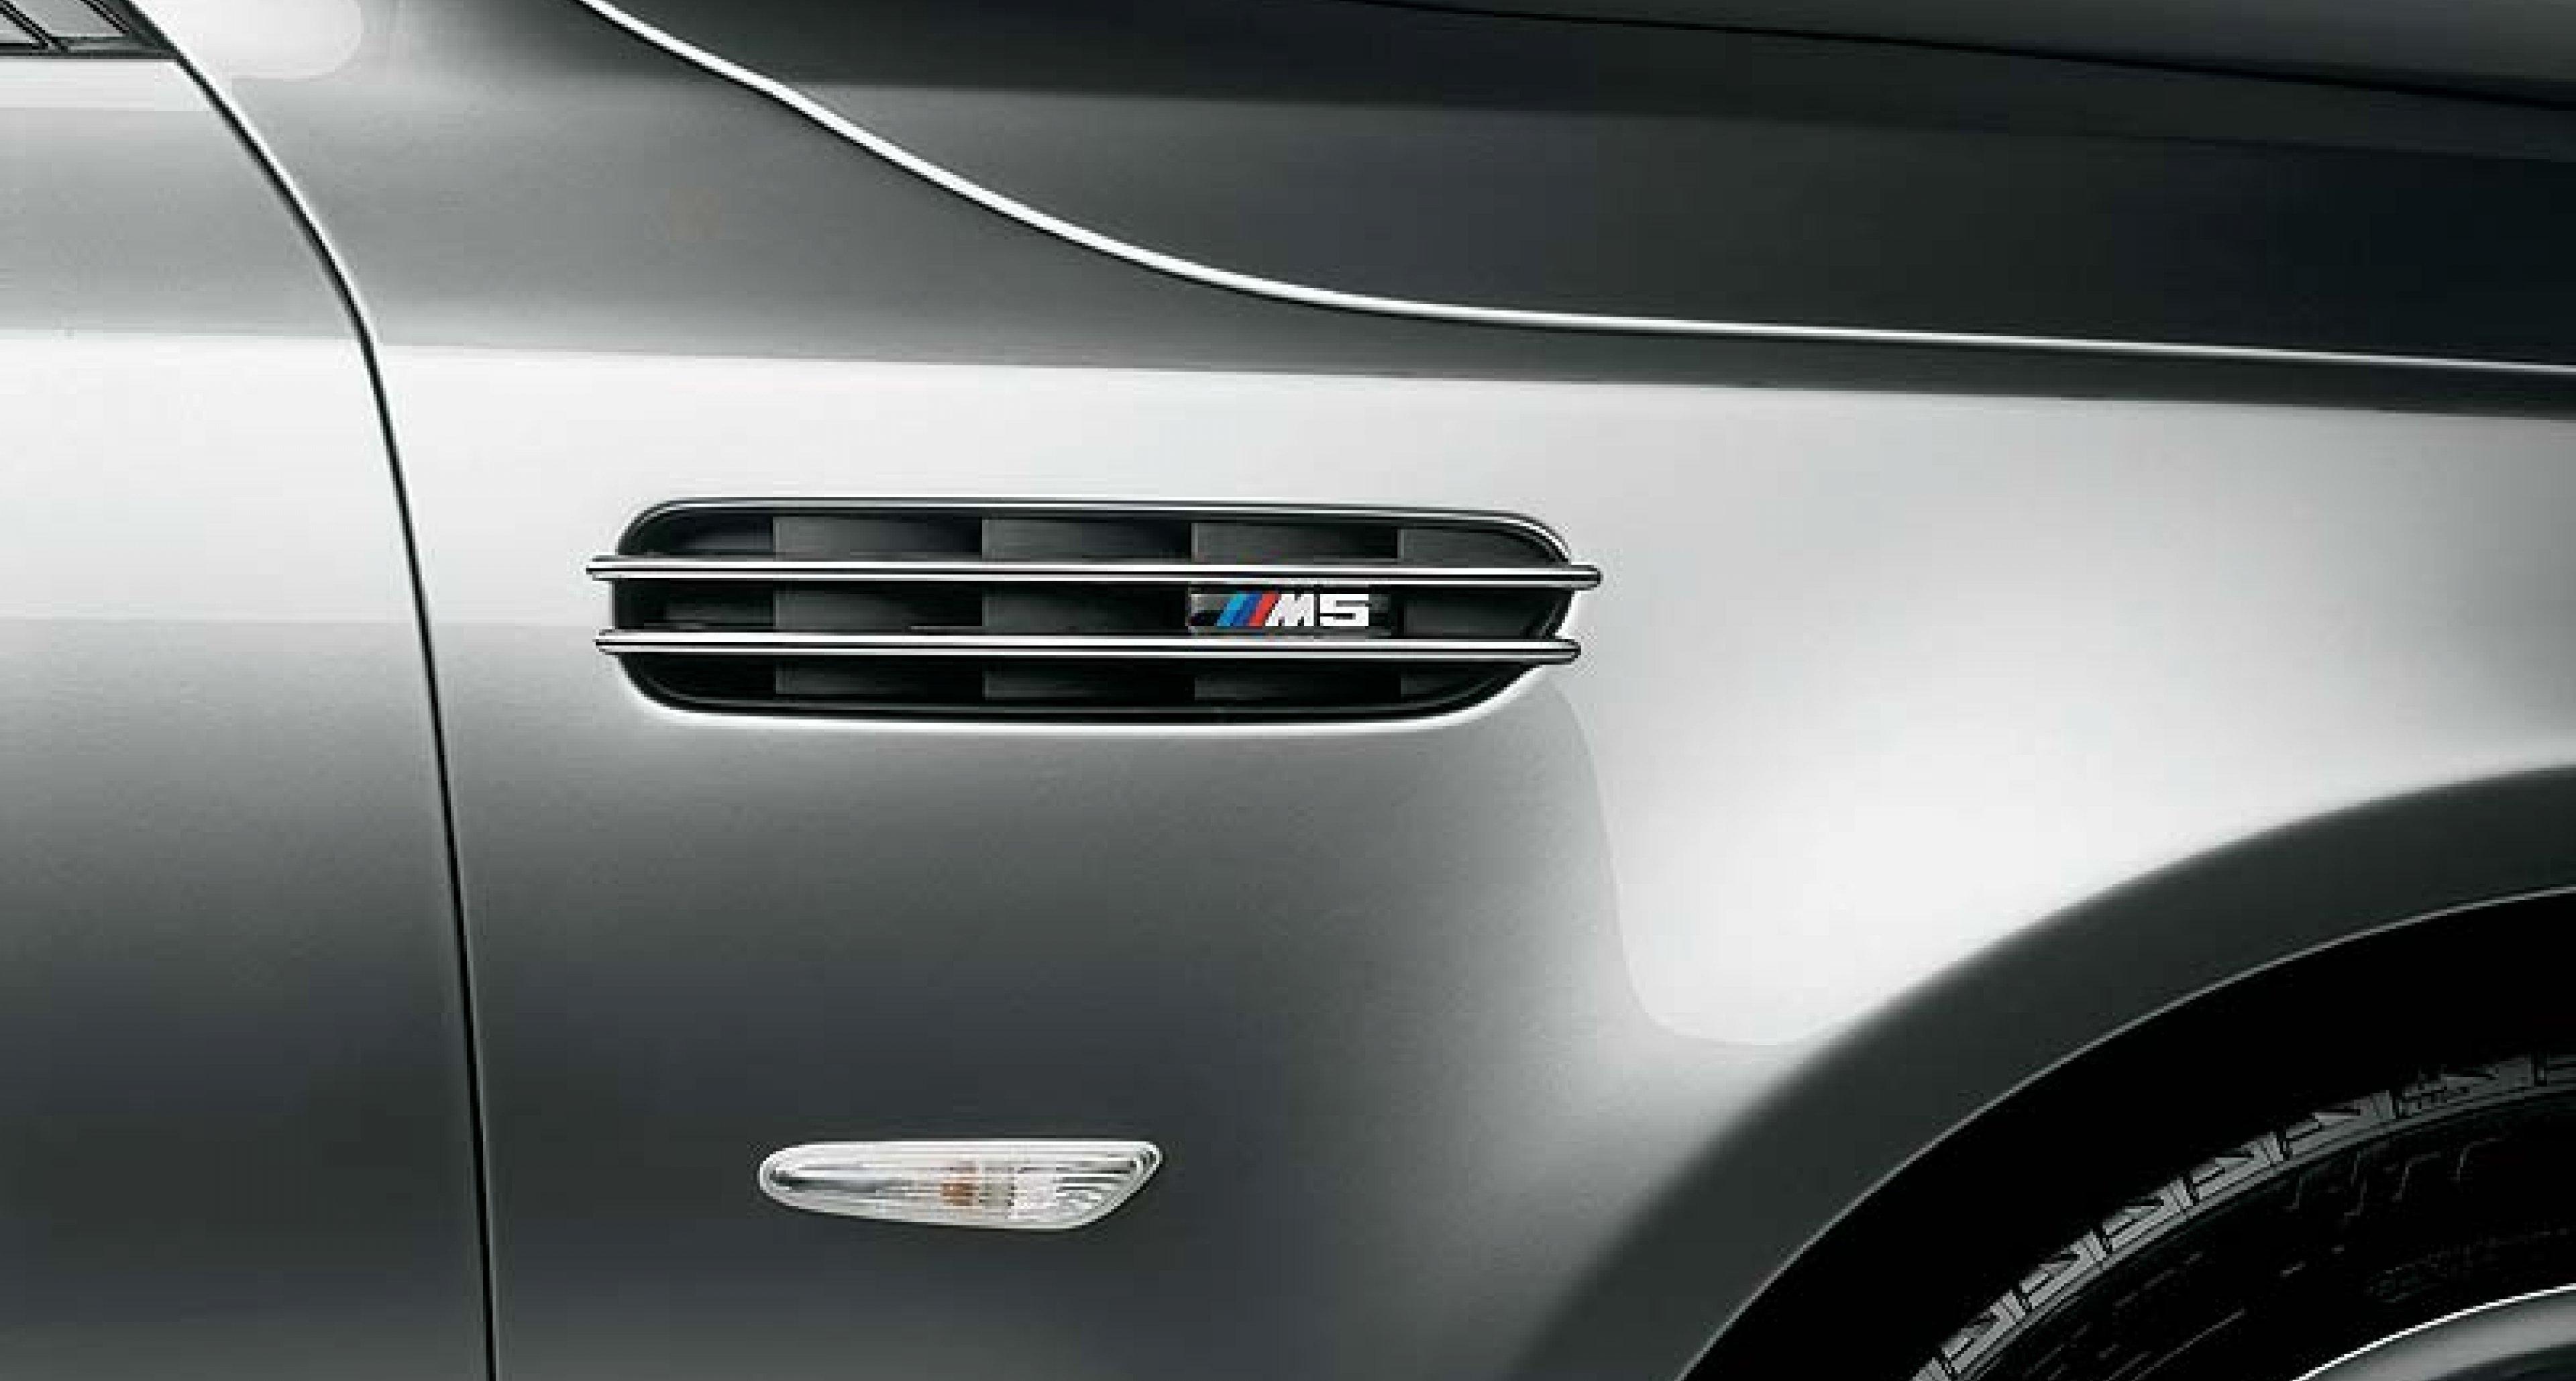 BMW M5 in Genf: Neuauflage enthüllt